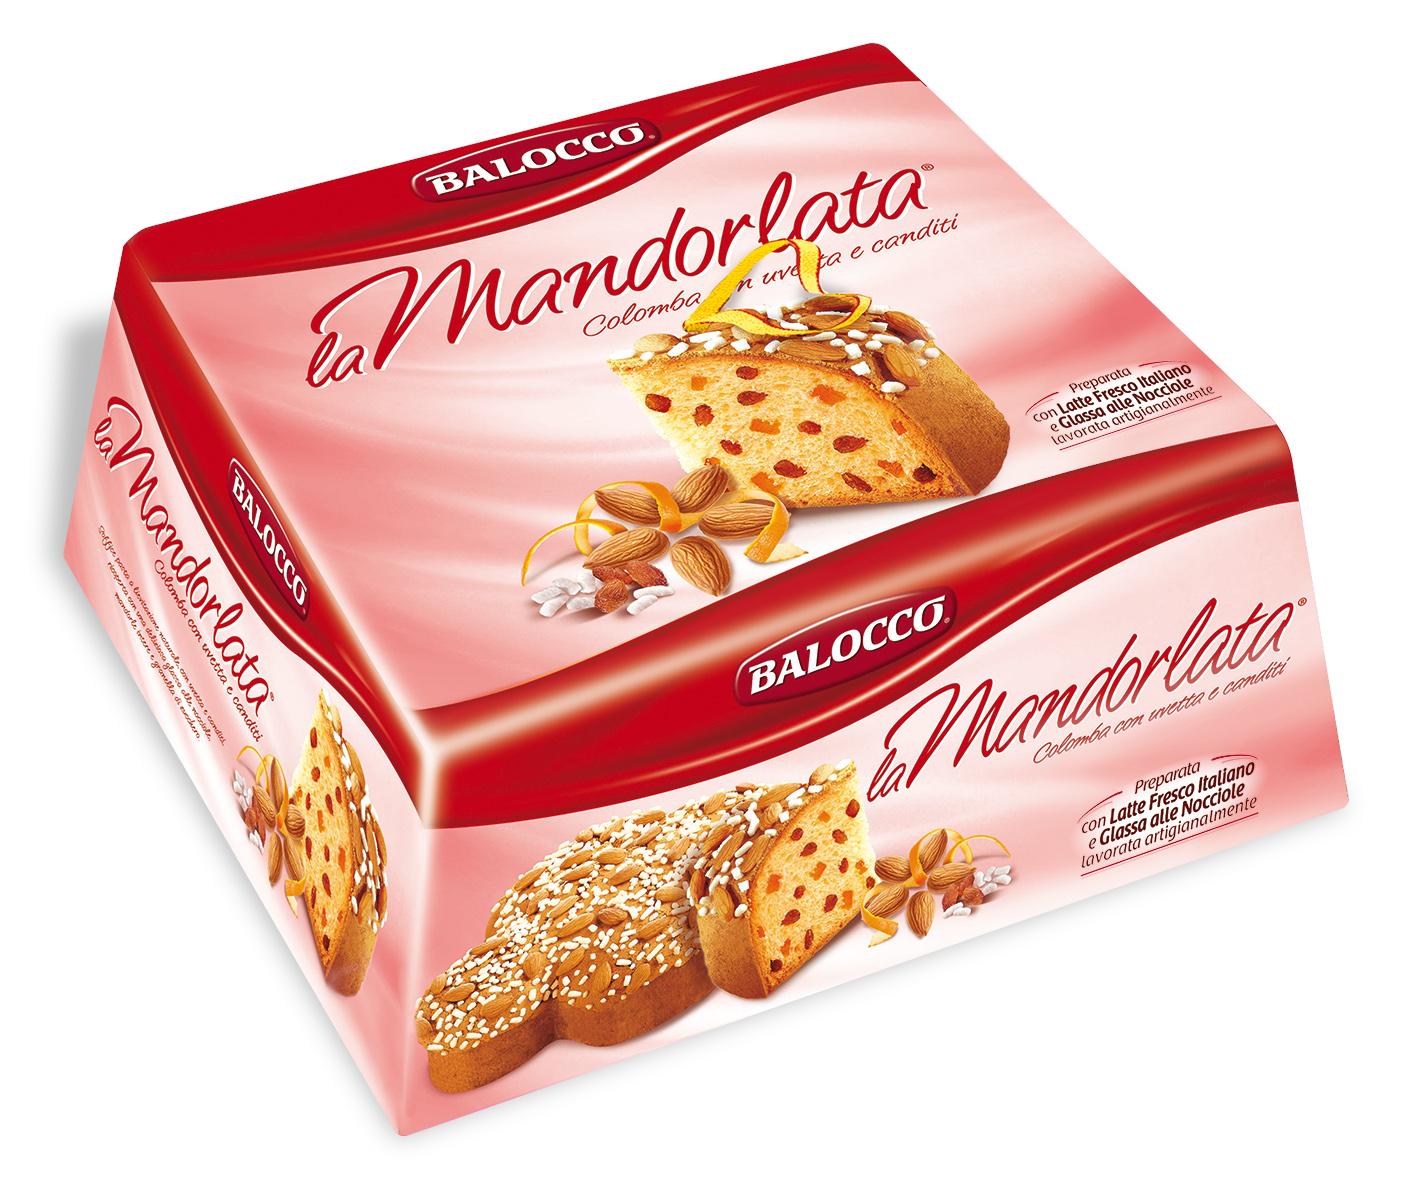 31151_La Mandorlata 1000g